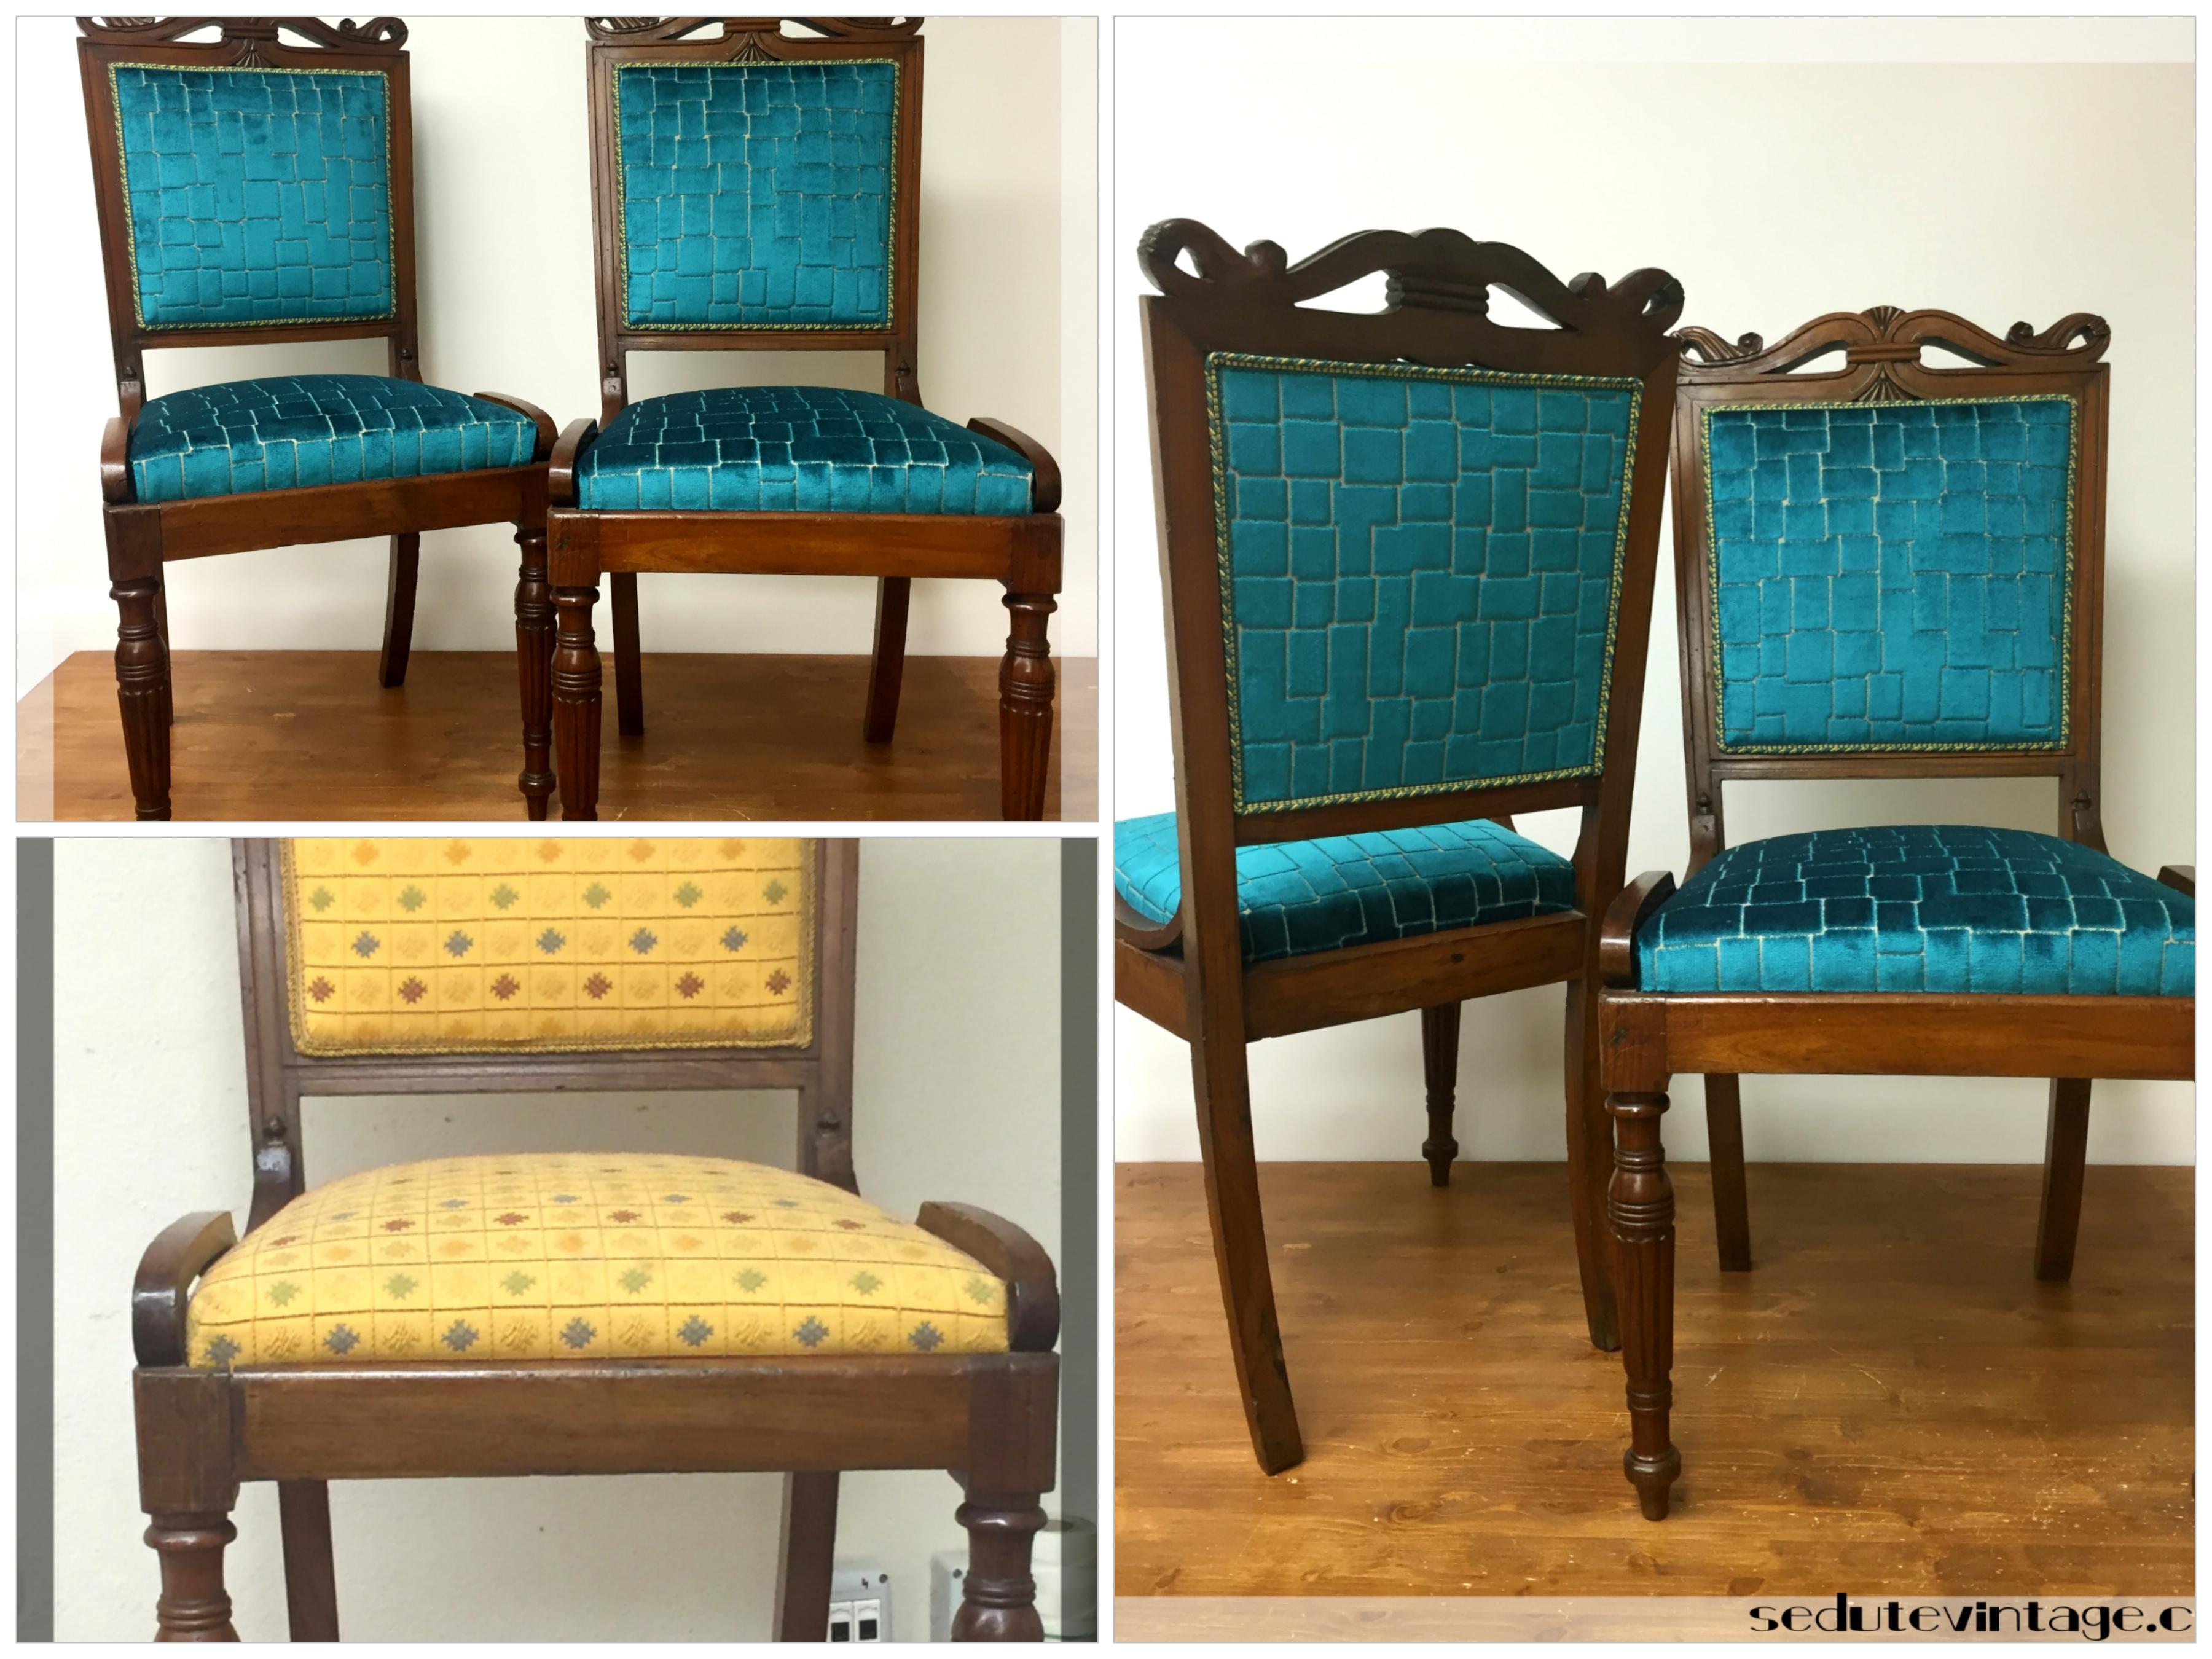 Sedie Blu Petrolio : Sedie sala tasselli di velluto in blue petrolio u side chairs with